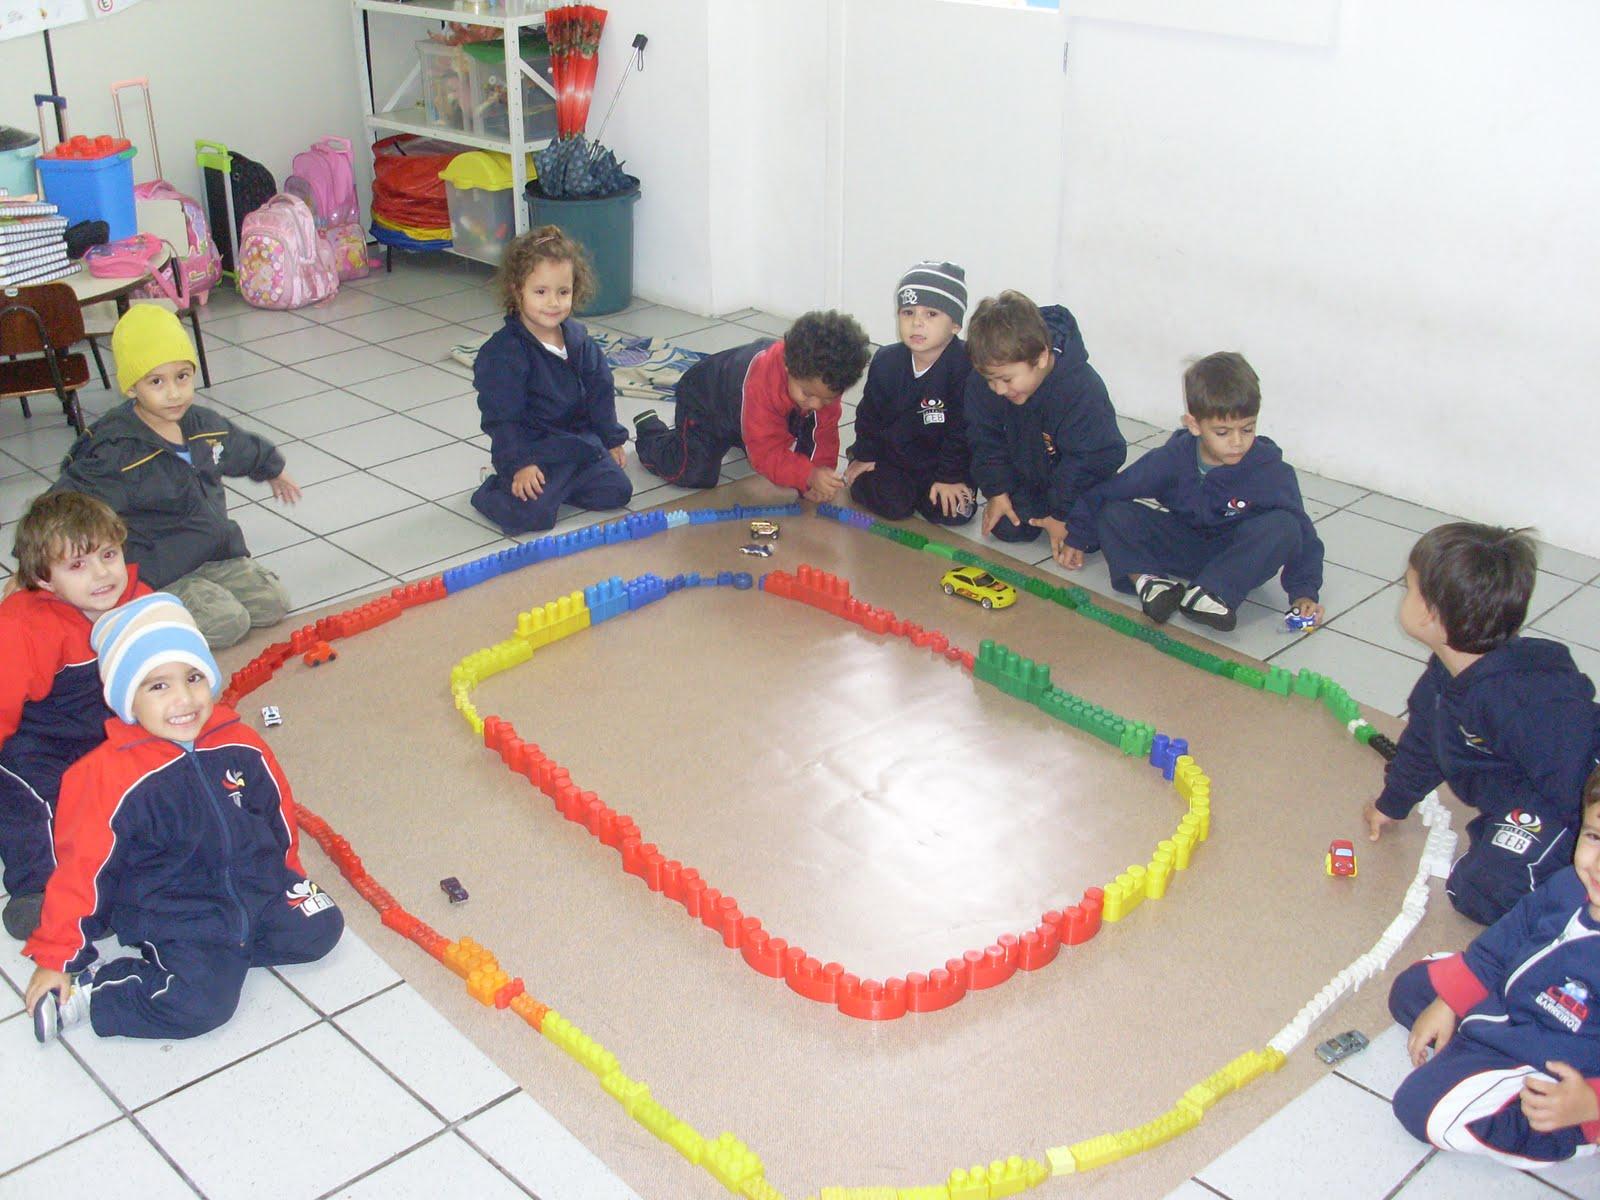 Col gio ceb educa o infantil projeto tr nsito n vel for Mural sobre o transito